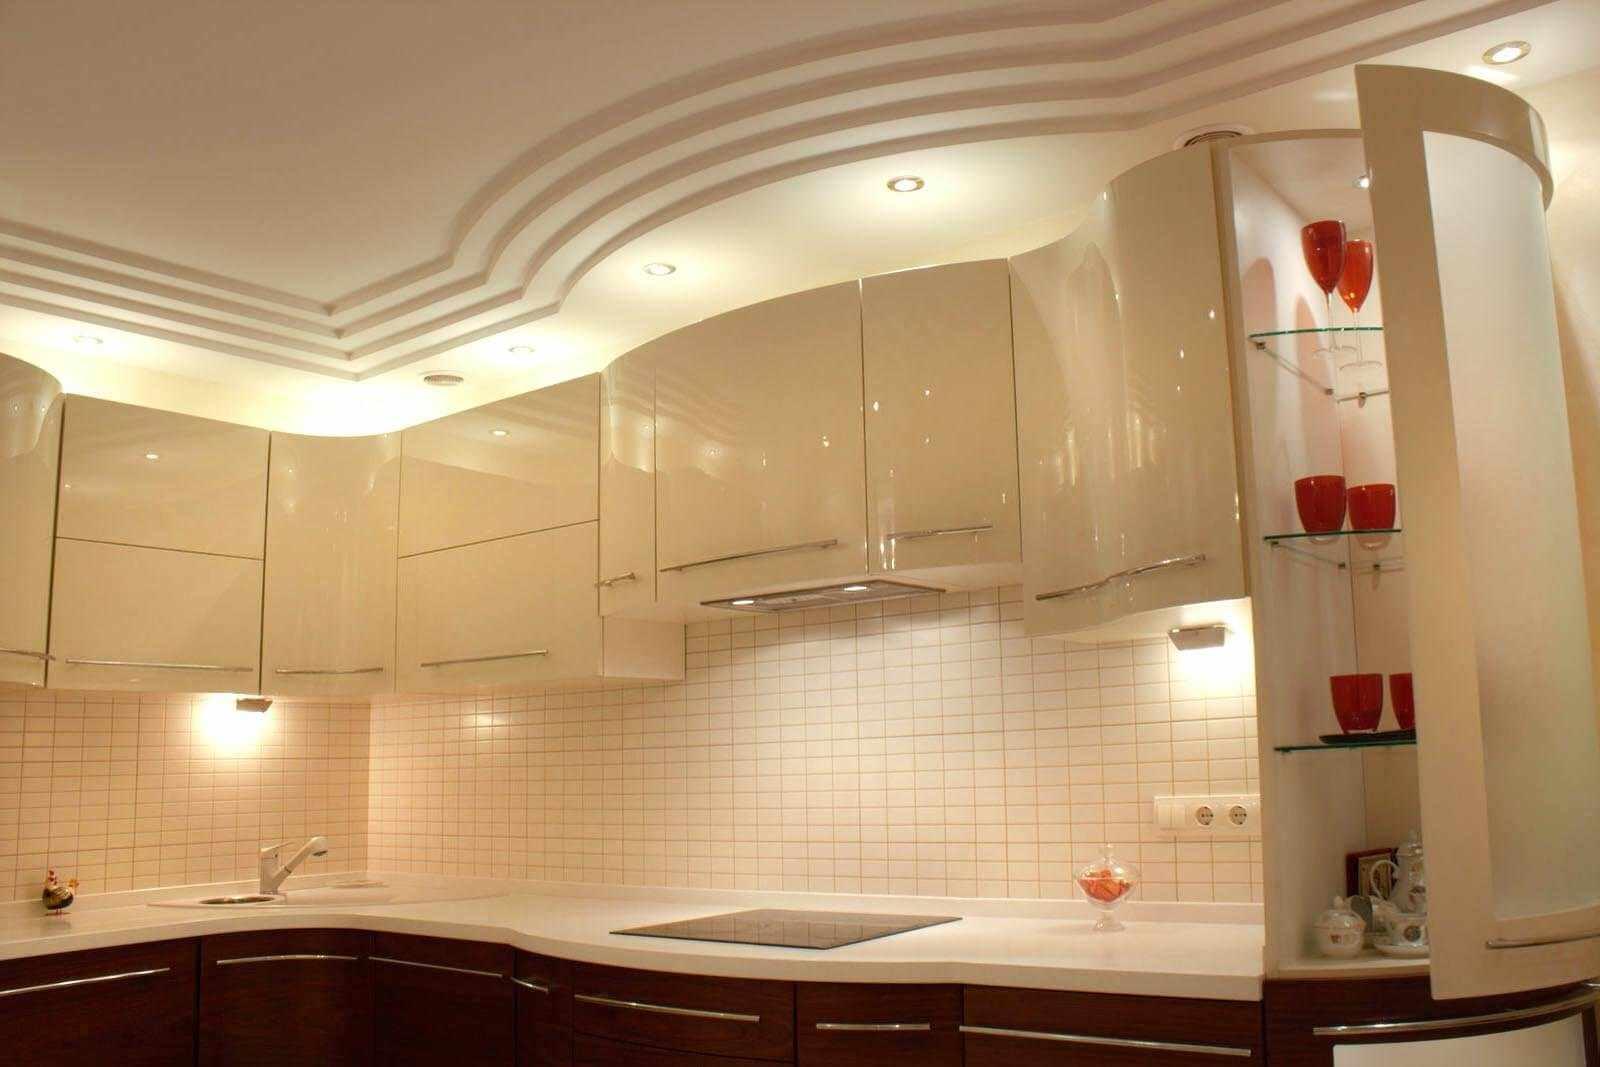 Un exemple de plafond de cuisine